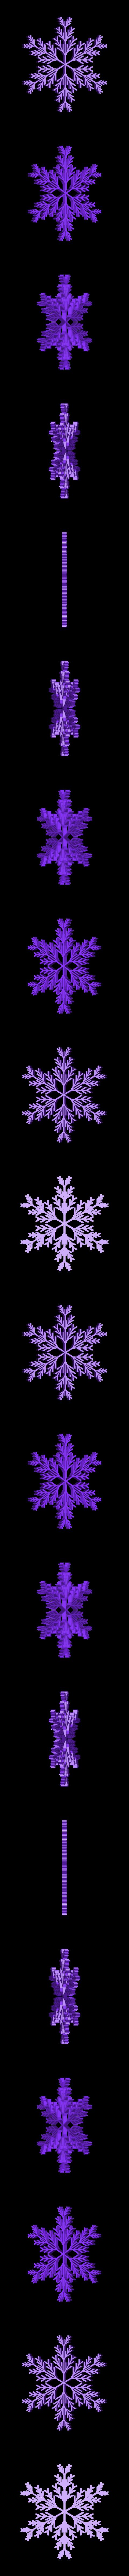 recursive_snowflake_2.stl Télécharger fichier STL gratuit Flocon de neige récursif dans BlocksCAD • Plan pour impression 3D, arpruss